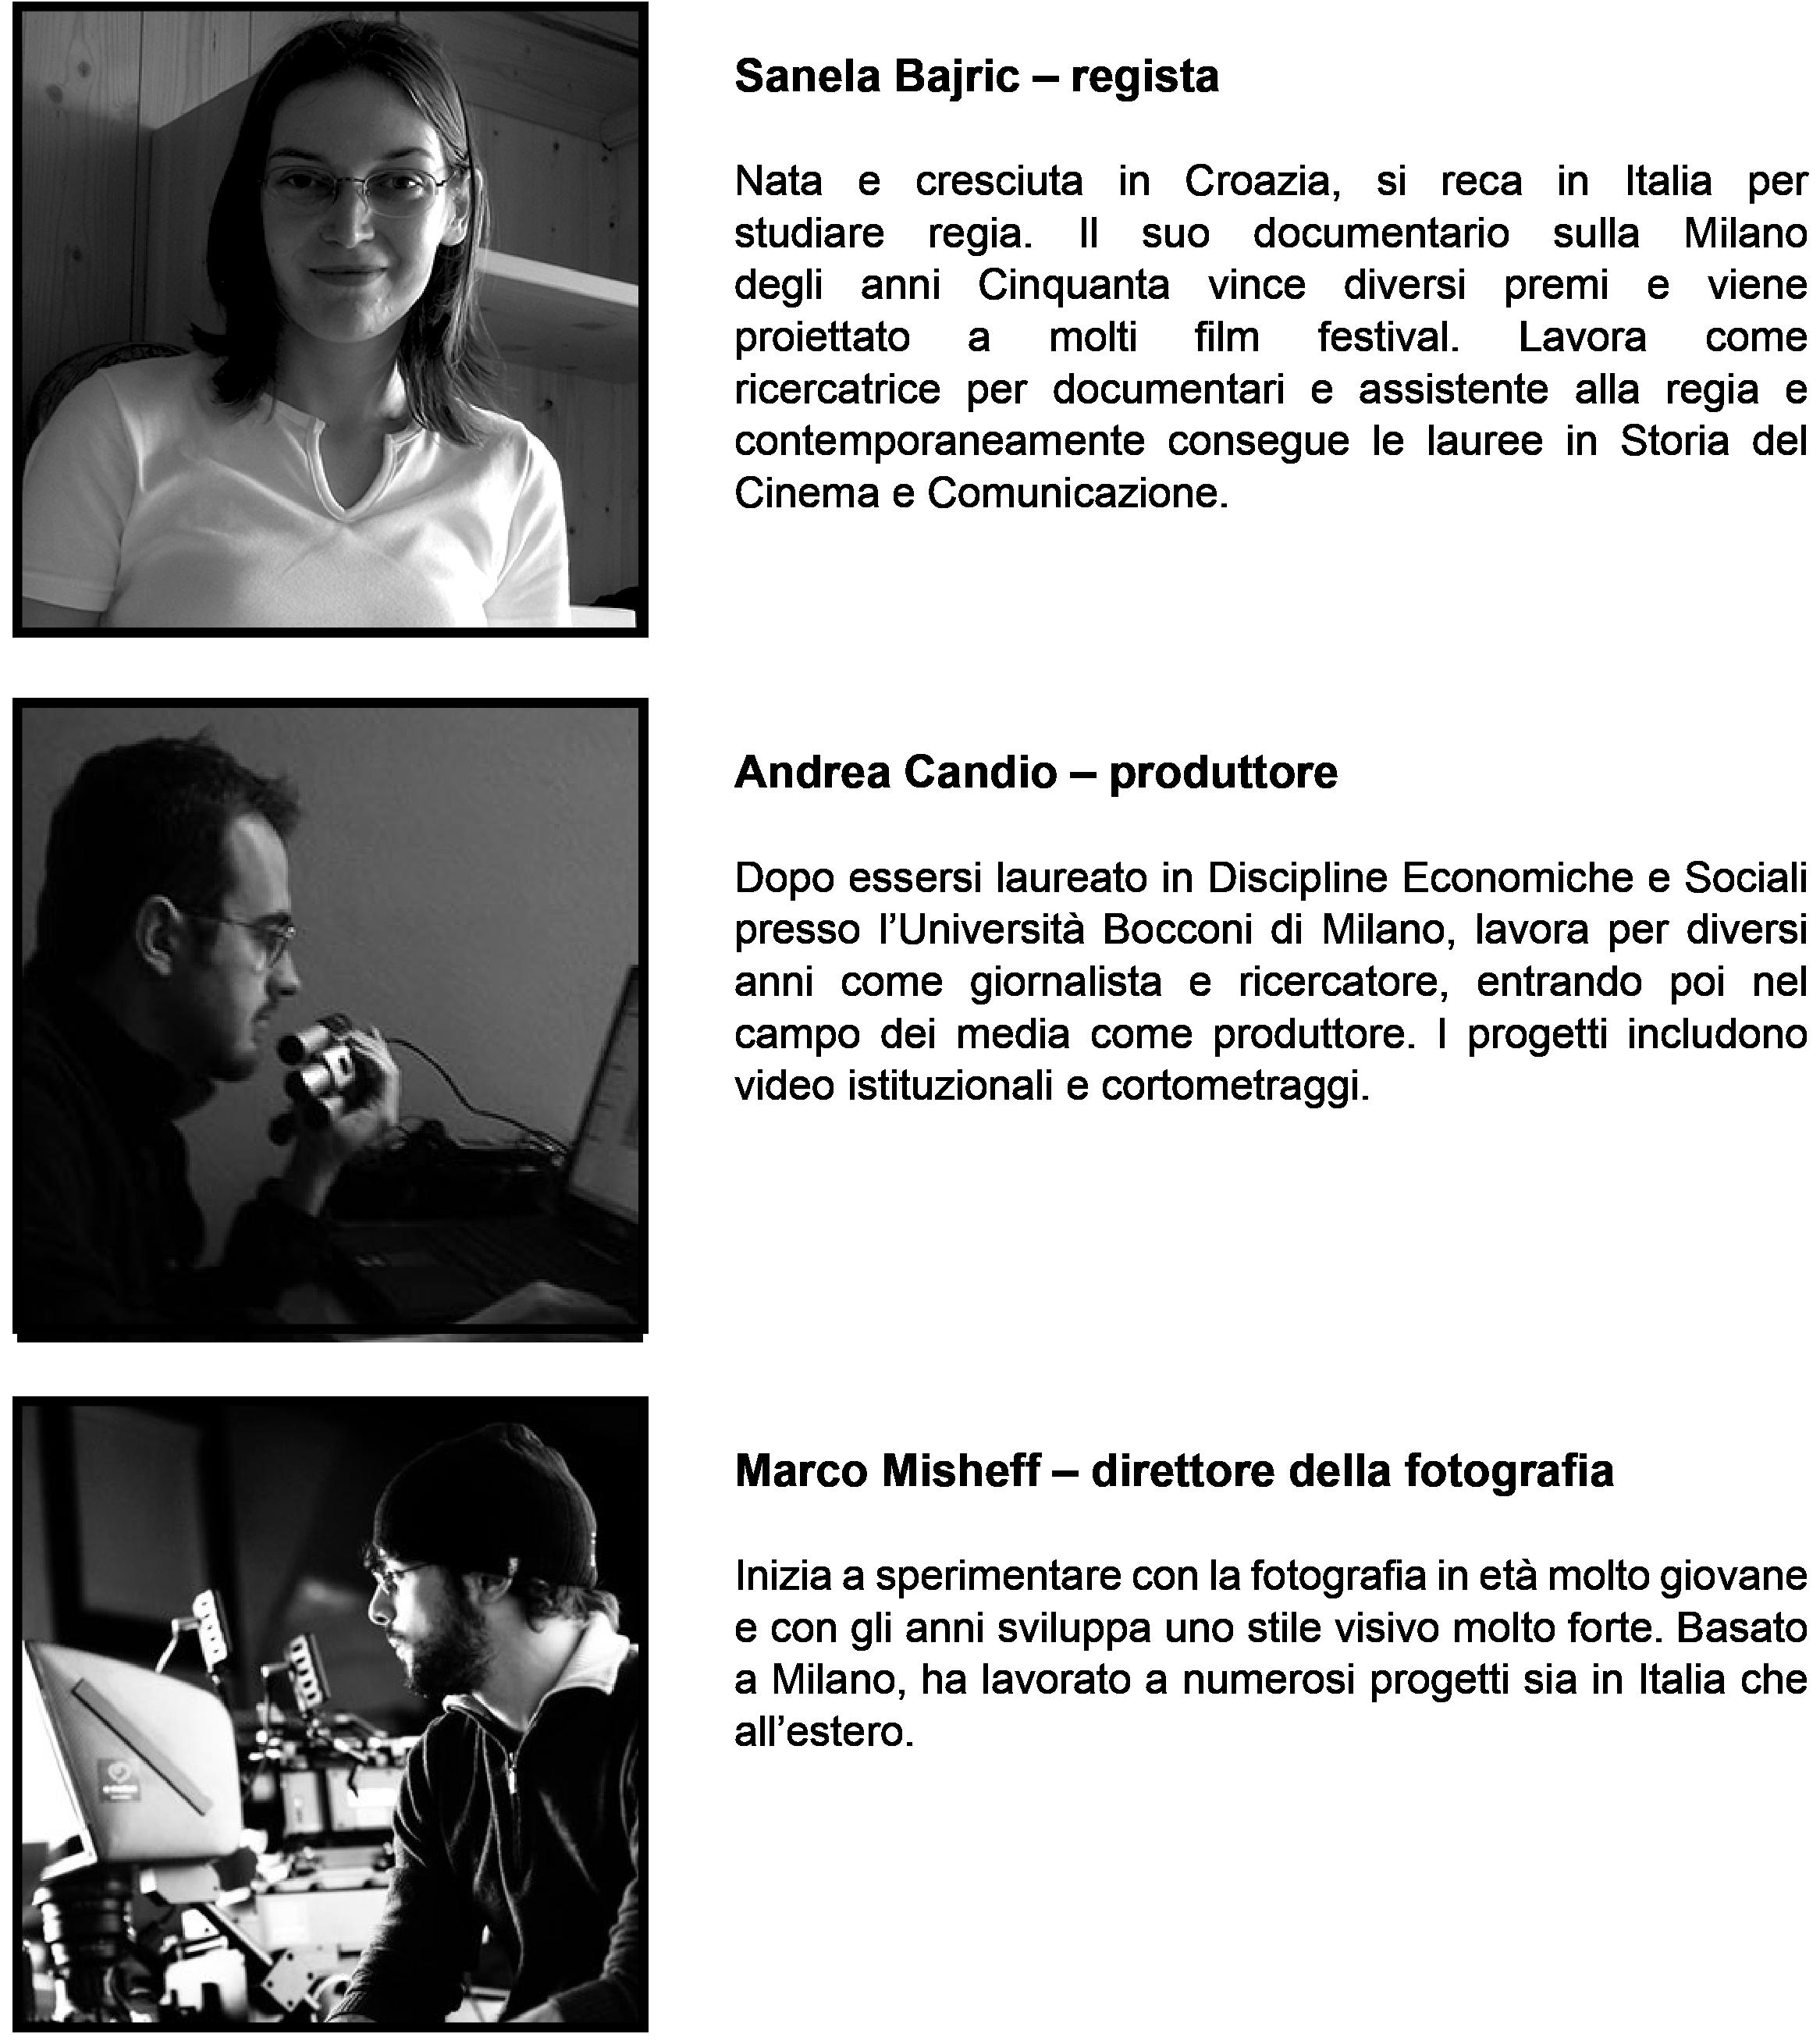 Diego filmando a prima novinha e gostosa Part 4 4